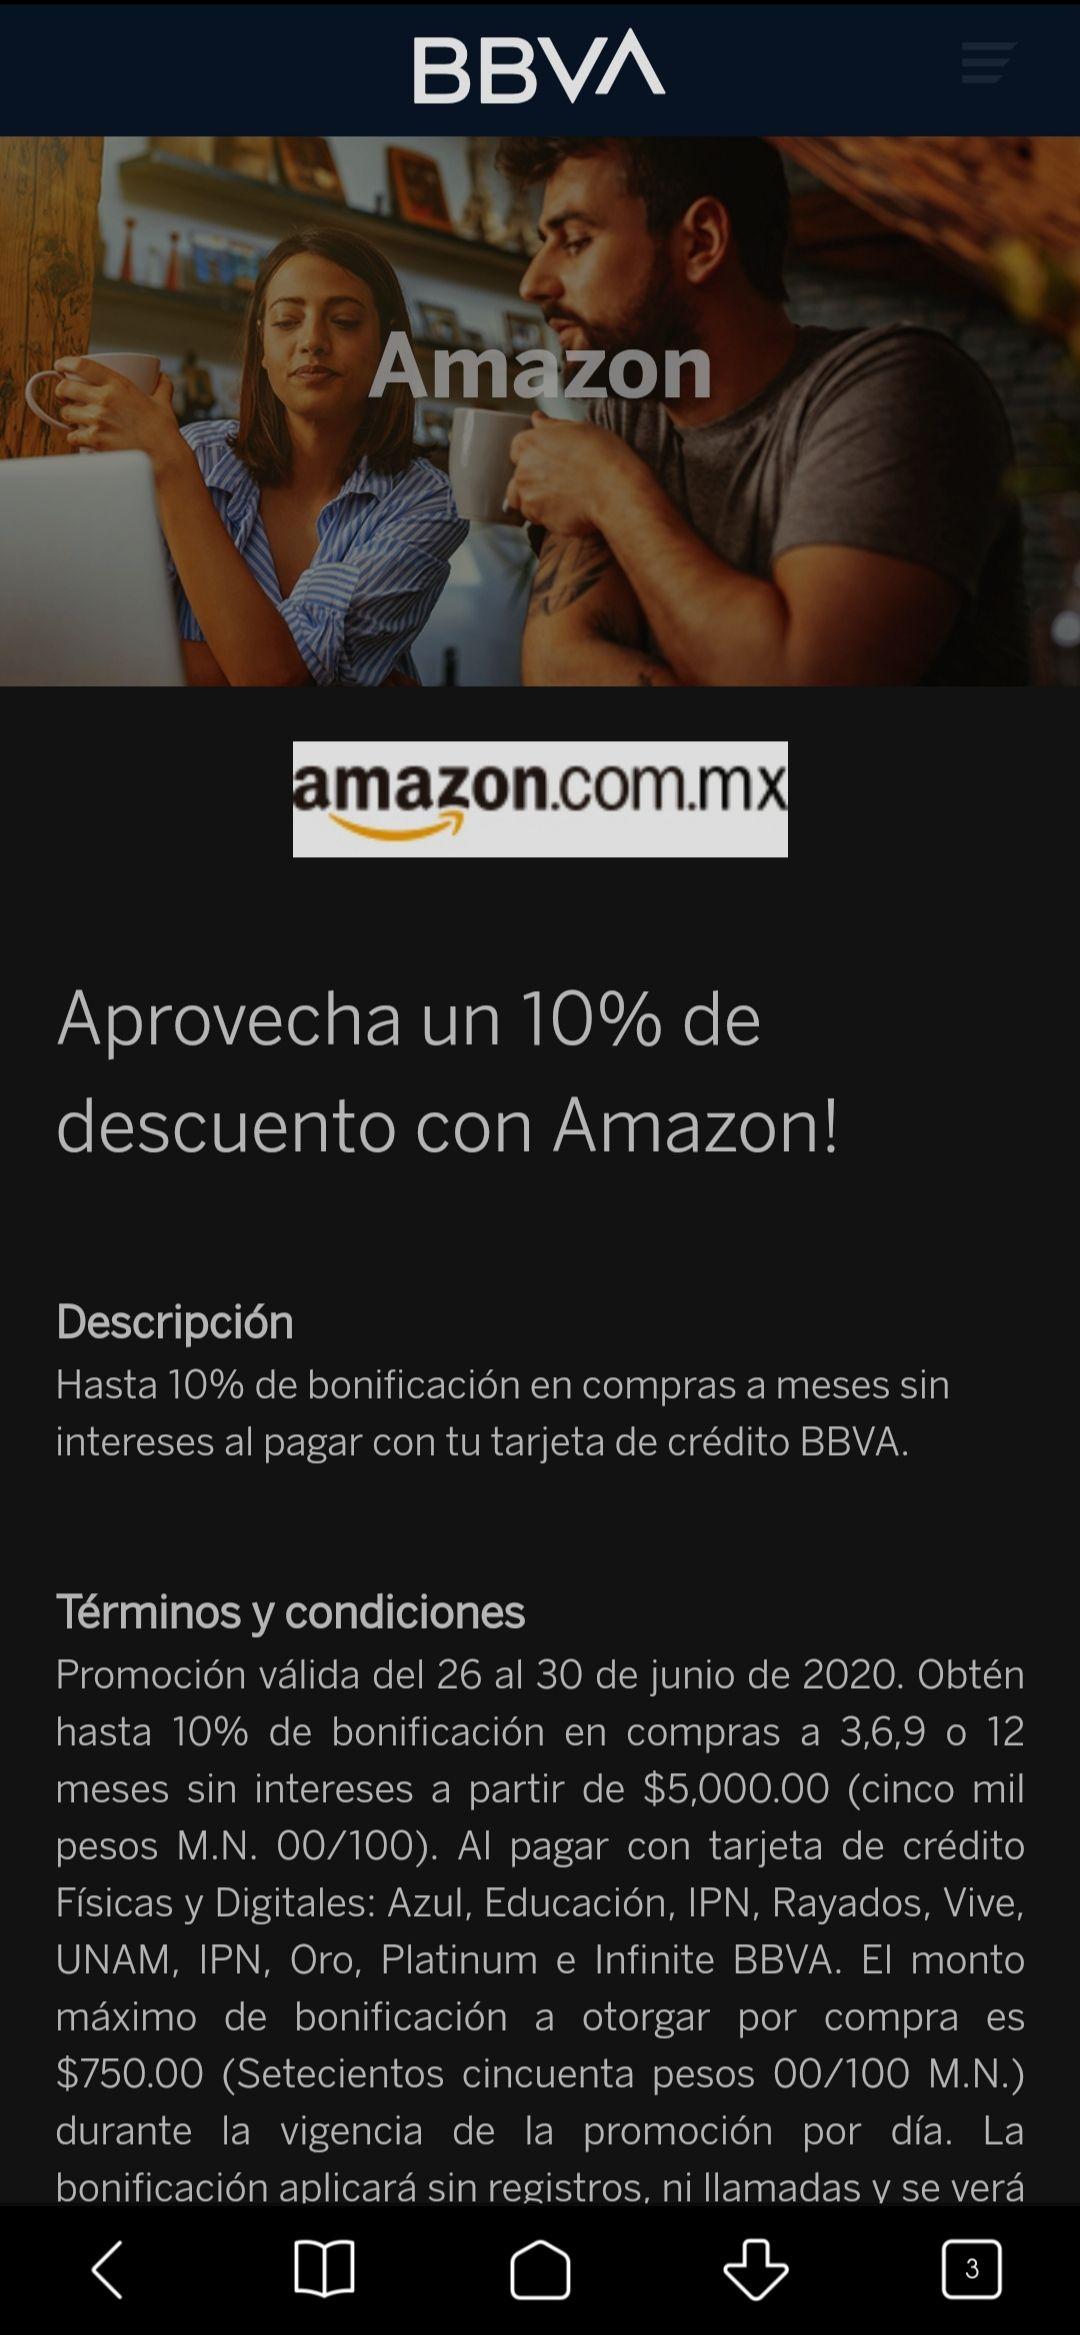 Bonificación 10% con BBVA en amazon, compra mínima $5,000 a MSI